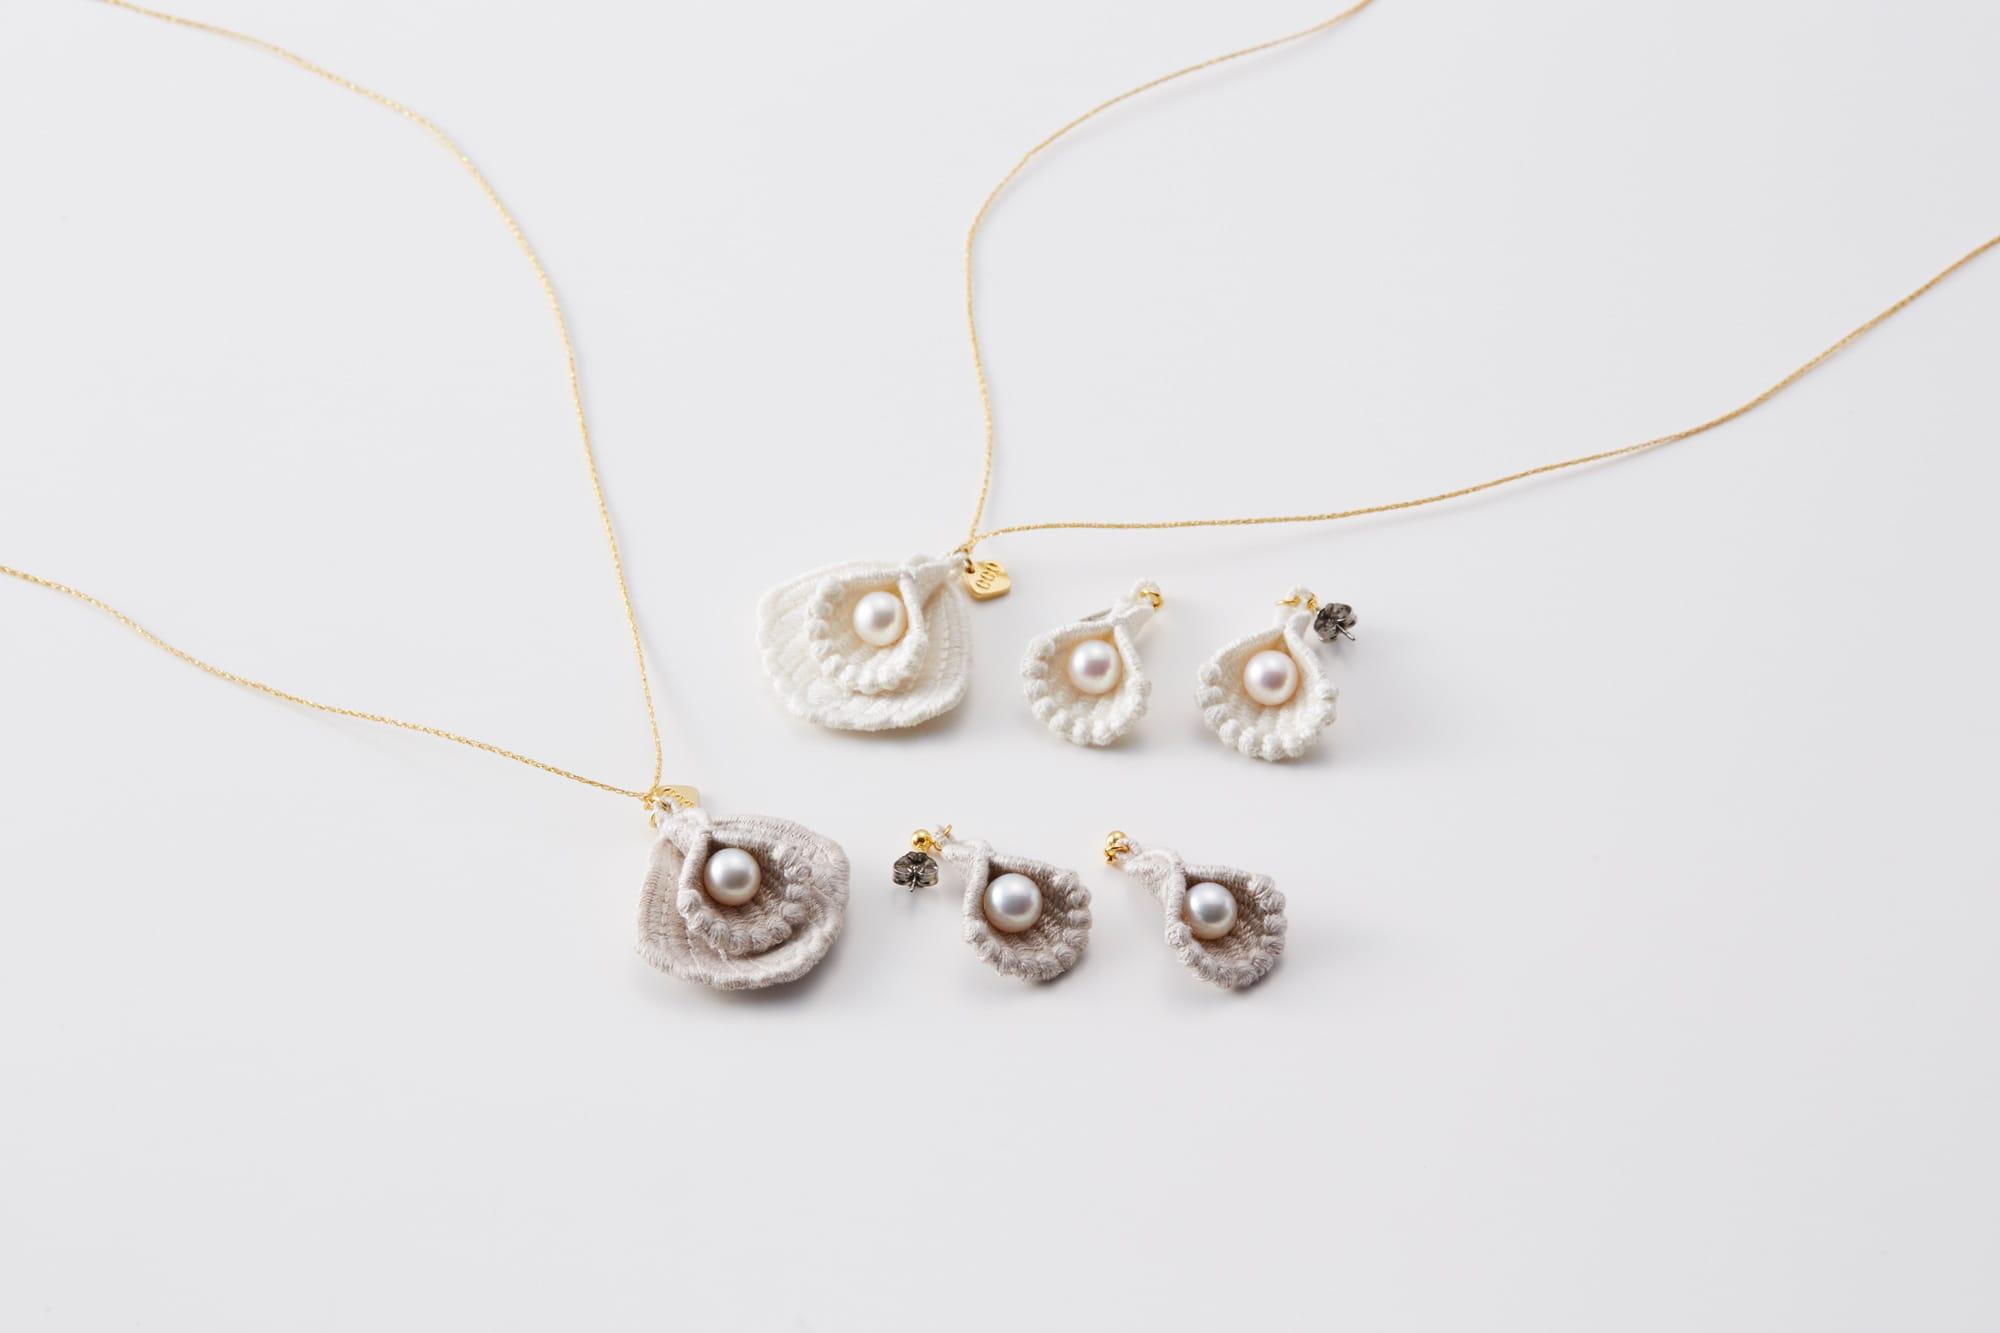 貝殻はシルク糸の刺繍、中心に本物のアコヤ貝を配置。色は上がホワイト、下がグレージュの2種類。ブランドロゴのチャームもアクセントに。